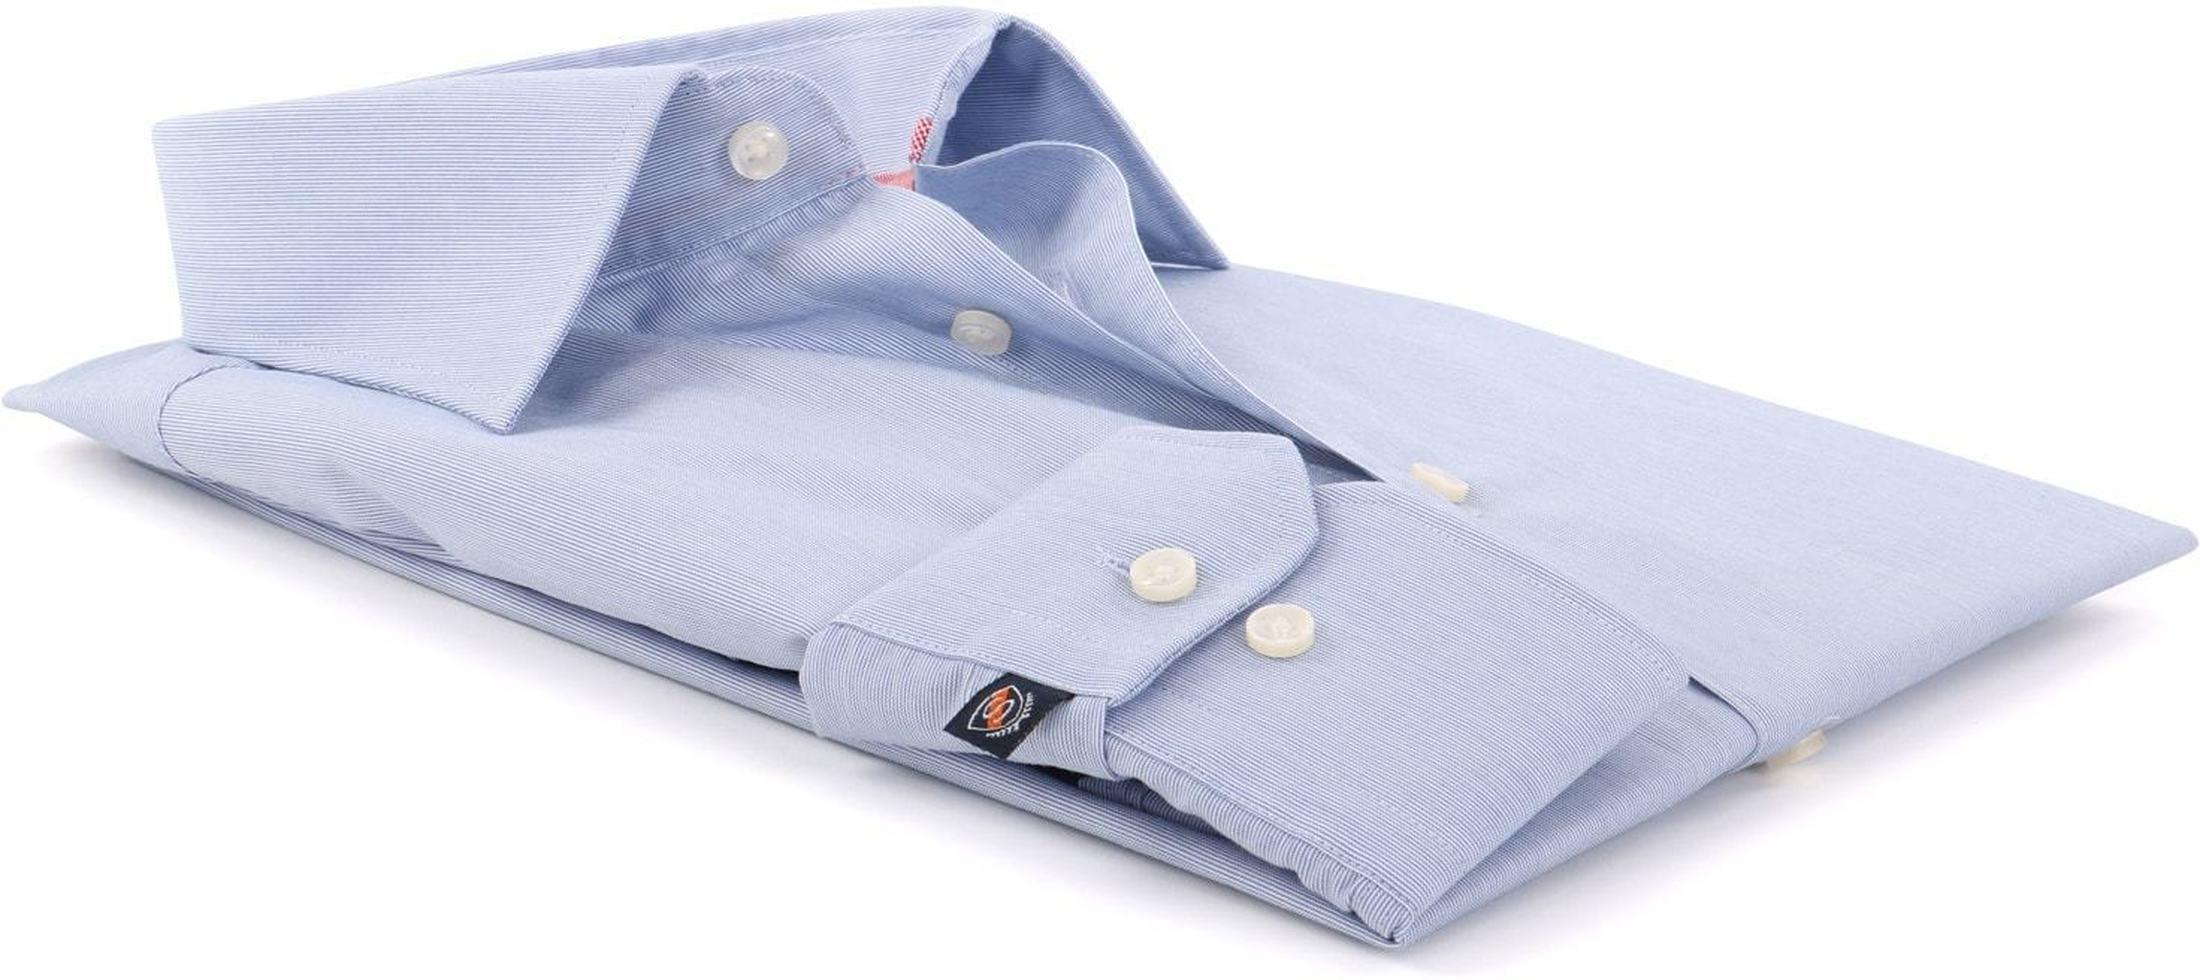 Blau Streifen Hemd 51-06